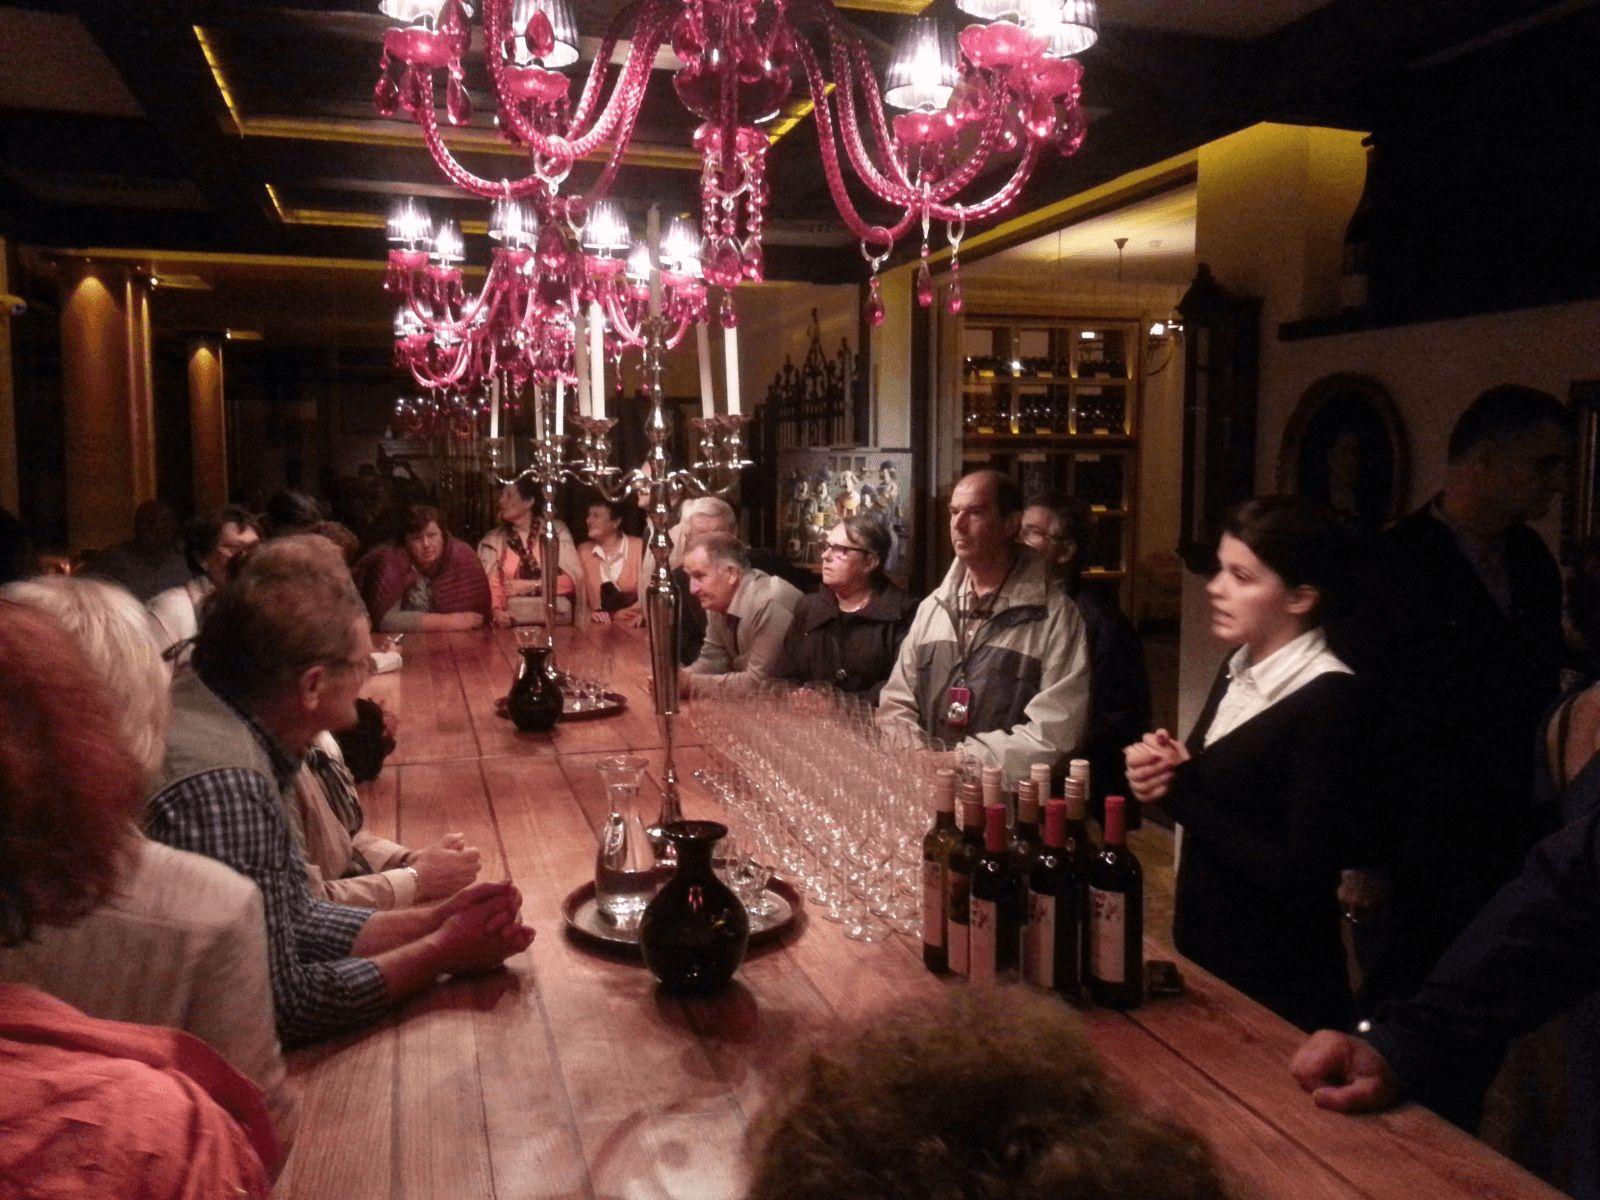 Beograd i Vojvodina: Palić: vinarija Zvonko Bogdan